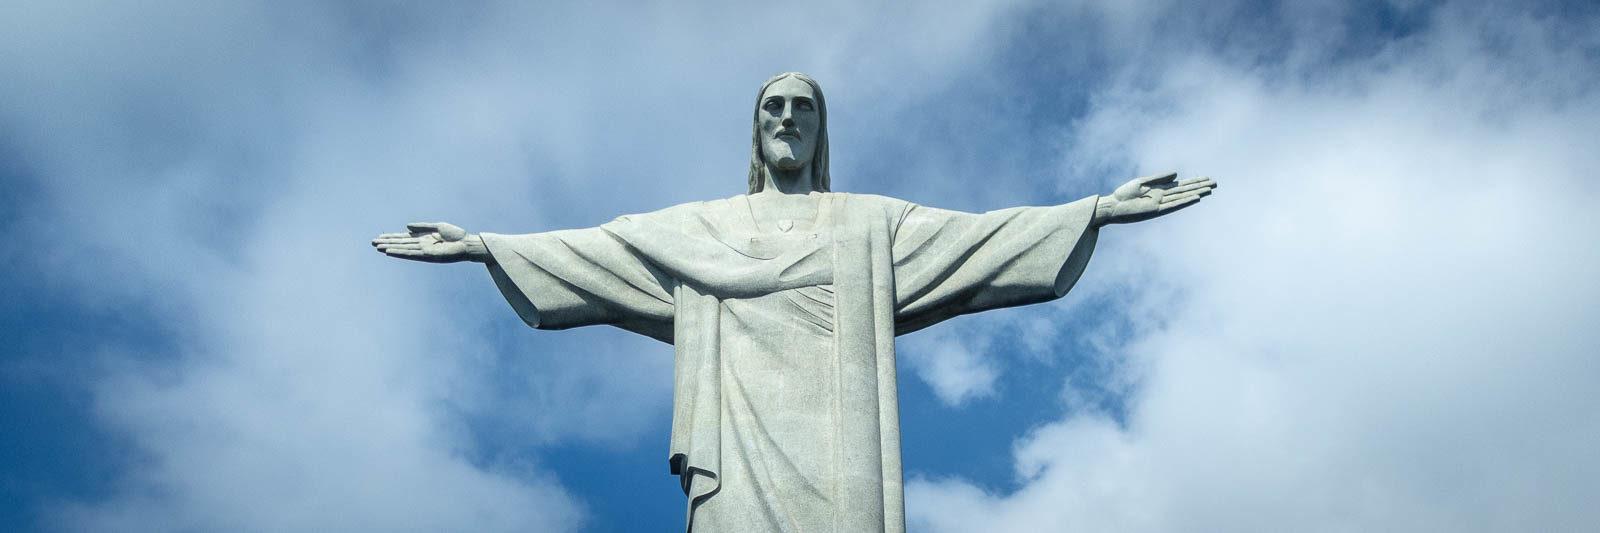 Visit Christ the Redeemer in Rio de Janeiro Brazil